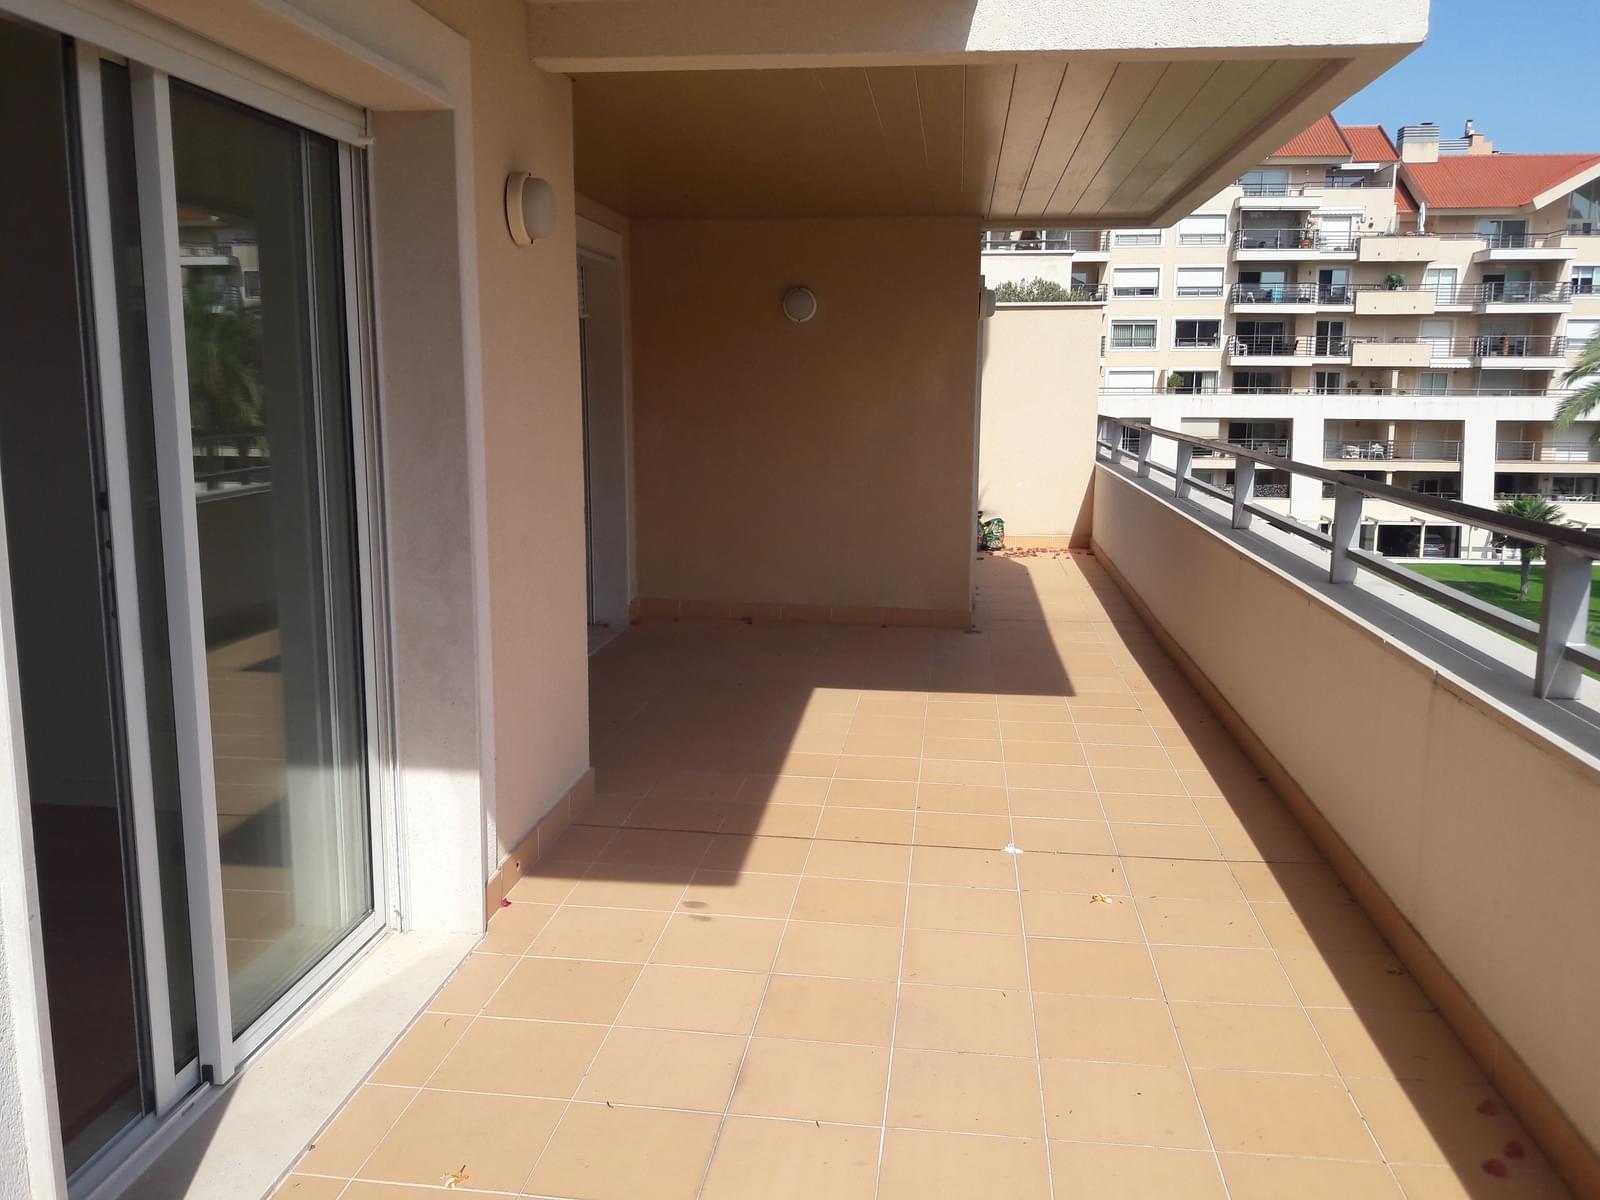 pf18143-apartamento-t3-cascais-e0f26ded-eb60-4706-b0a3-88c6be45edb0